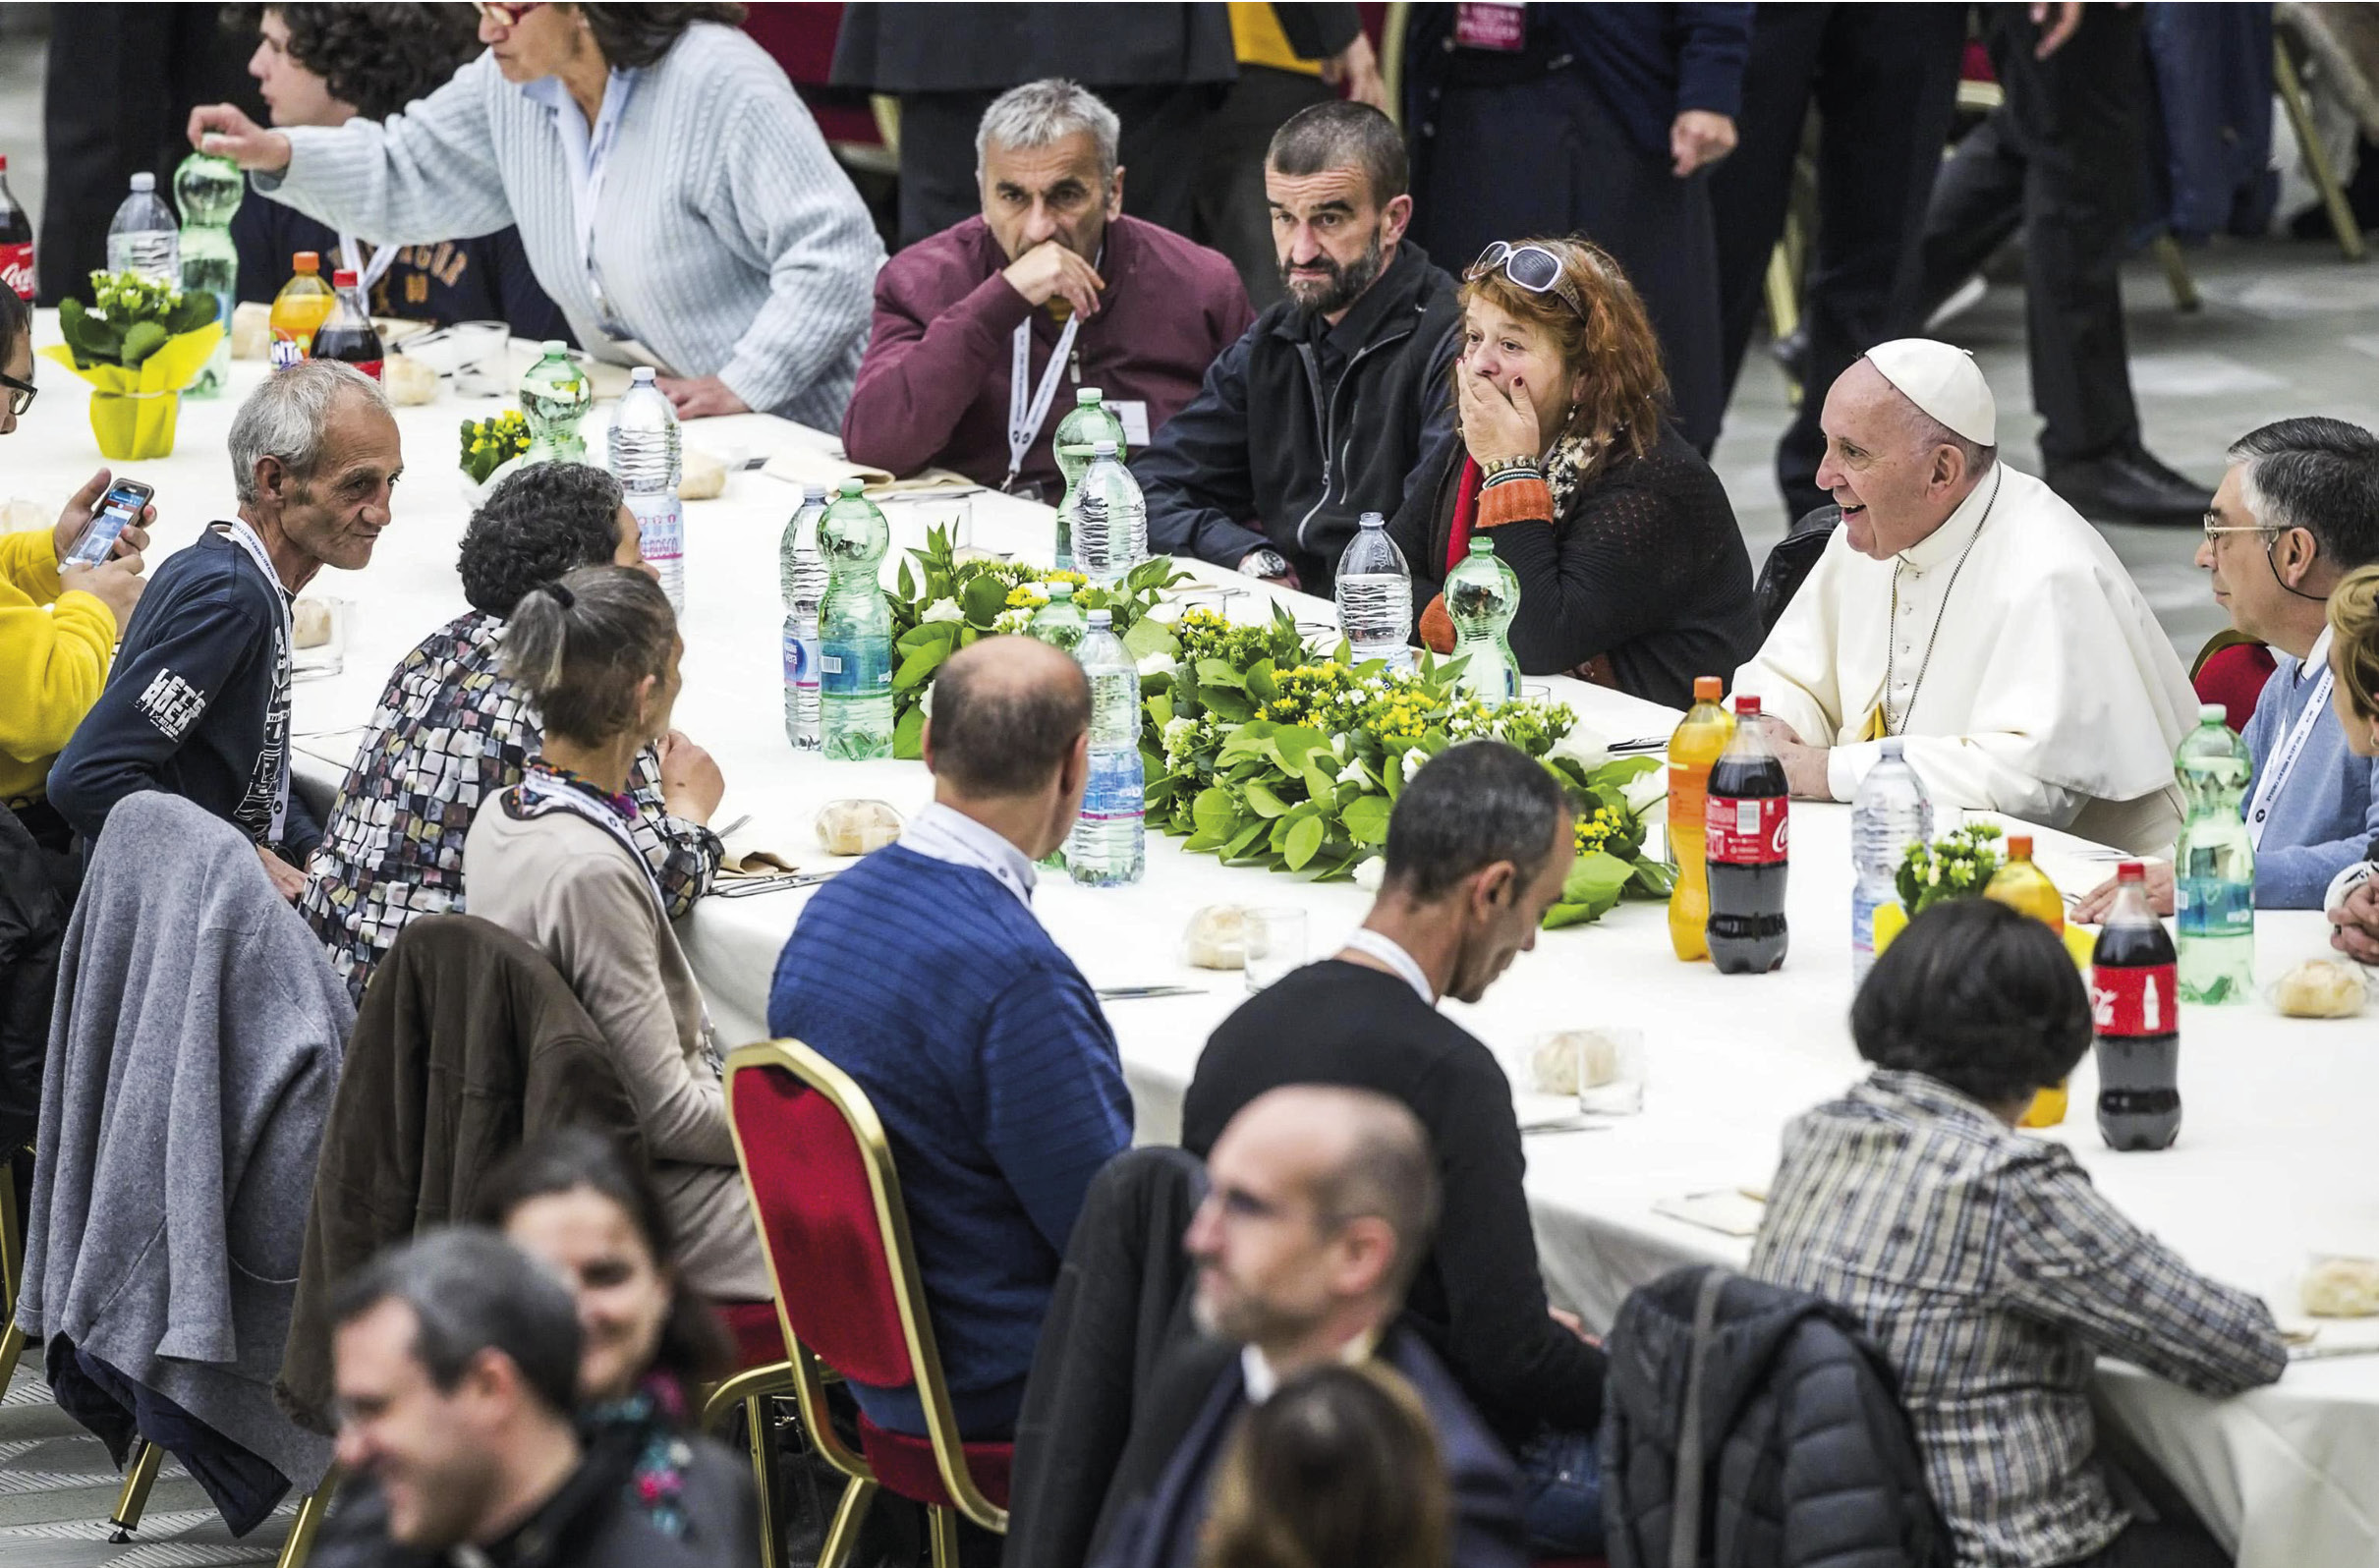 Papa Francisco almoça com os pobres na Sala Paulo VI, por ocasião do II Dia Mundial dos Pobres, no Vaticano, 18 de novembro de 2018. EPA / Angelo Carconi.